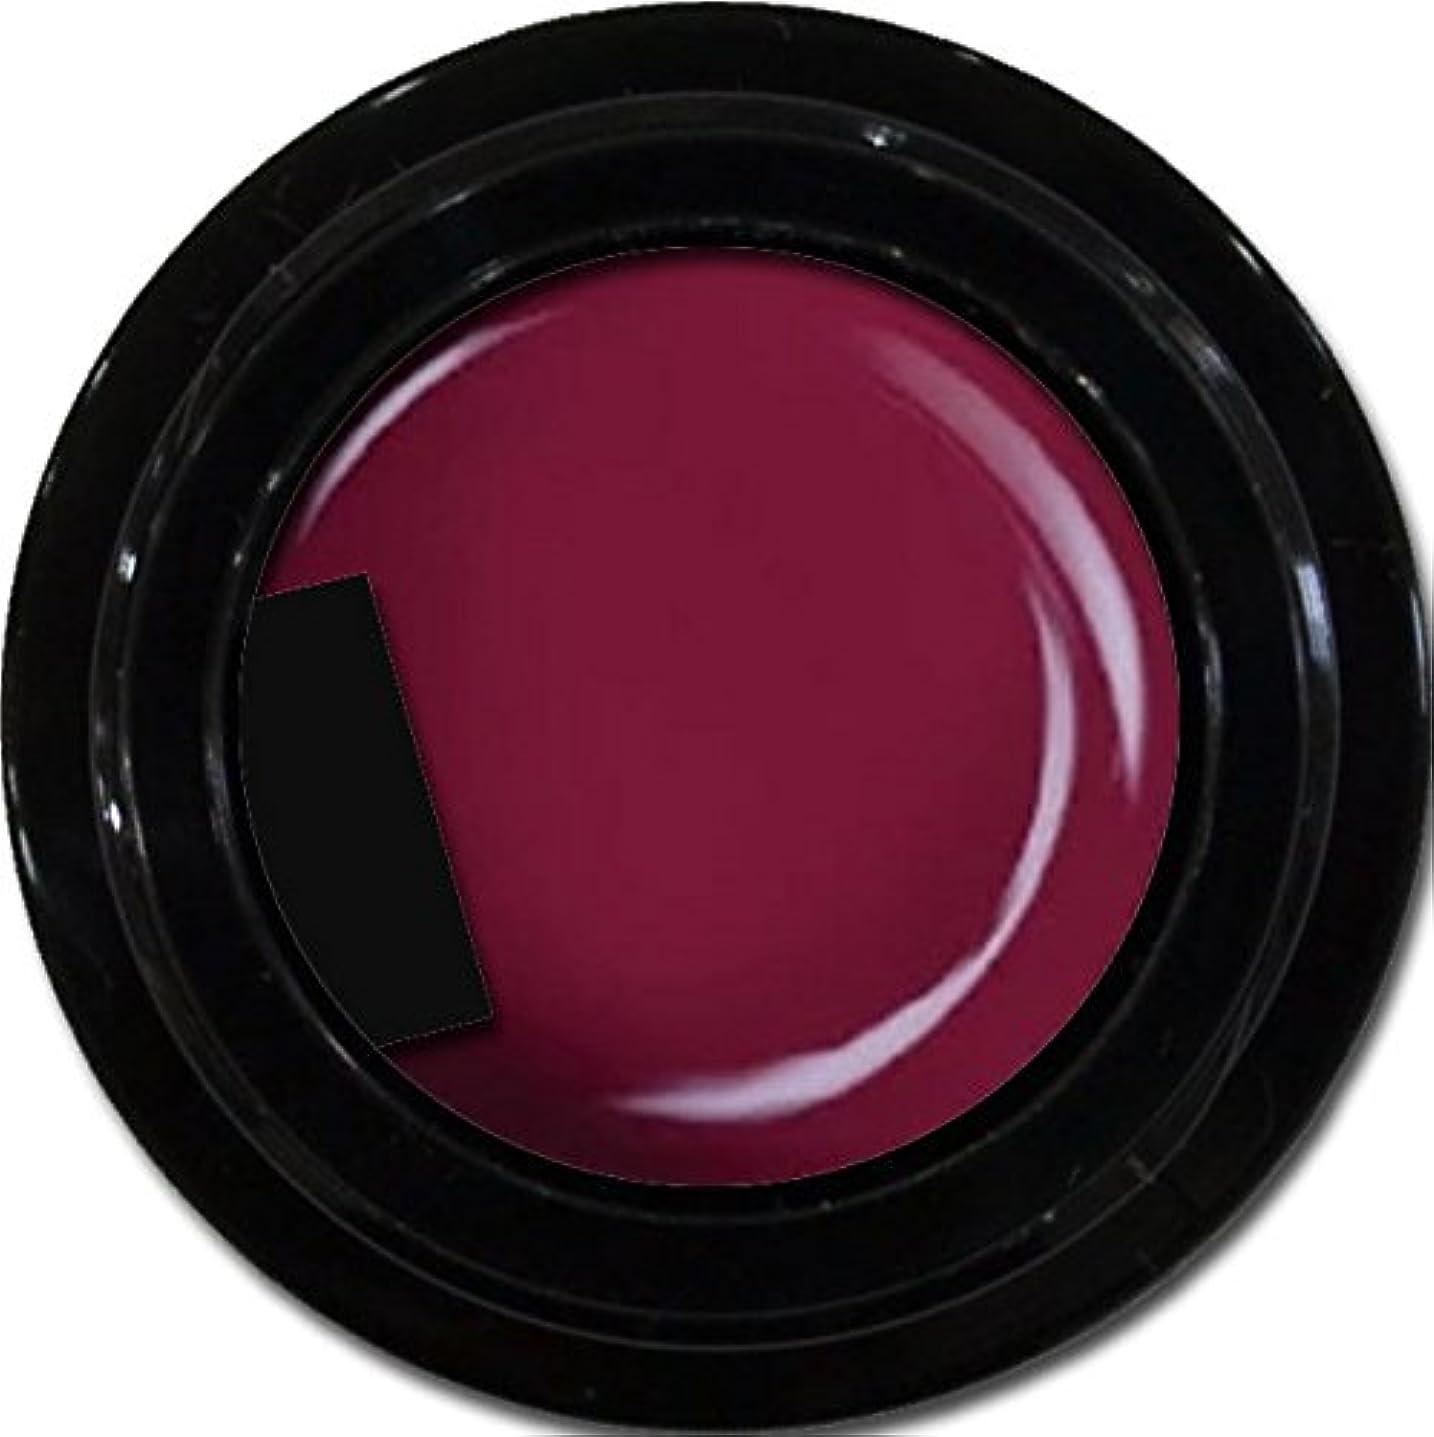 カラージェル enchant color gel M211 EnglishPink 3g/ マットカラージェル M211 イングリッシュピンク 3グラム